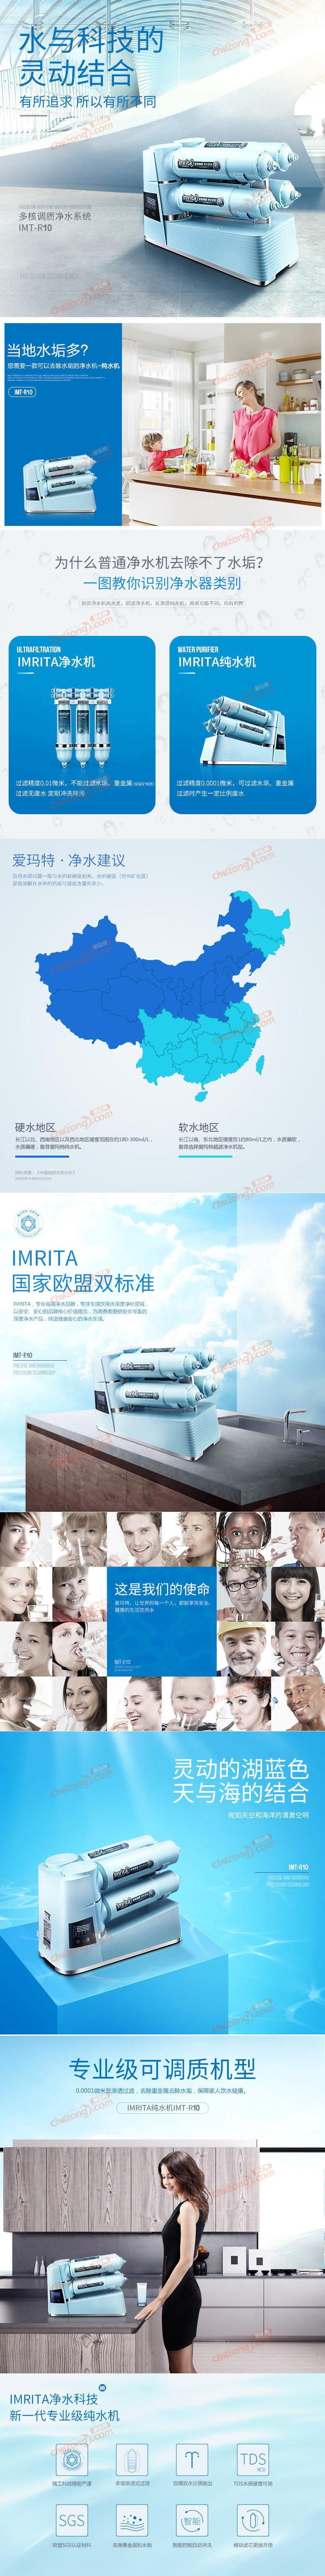 爱玛特深度净水机IMT-R10详情图